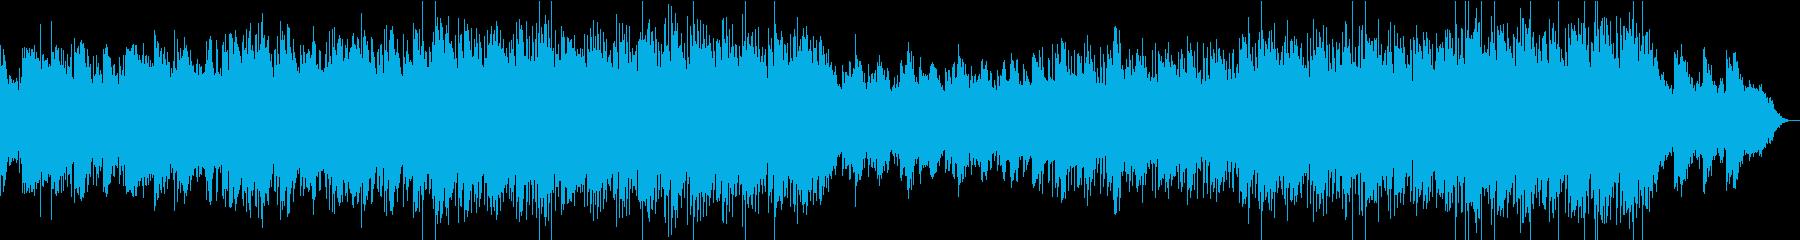 スタイリッシュでクールなエレクトロの再生済みの波形